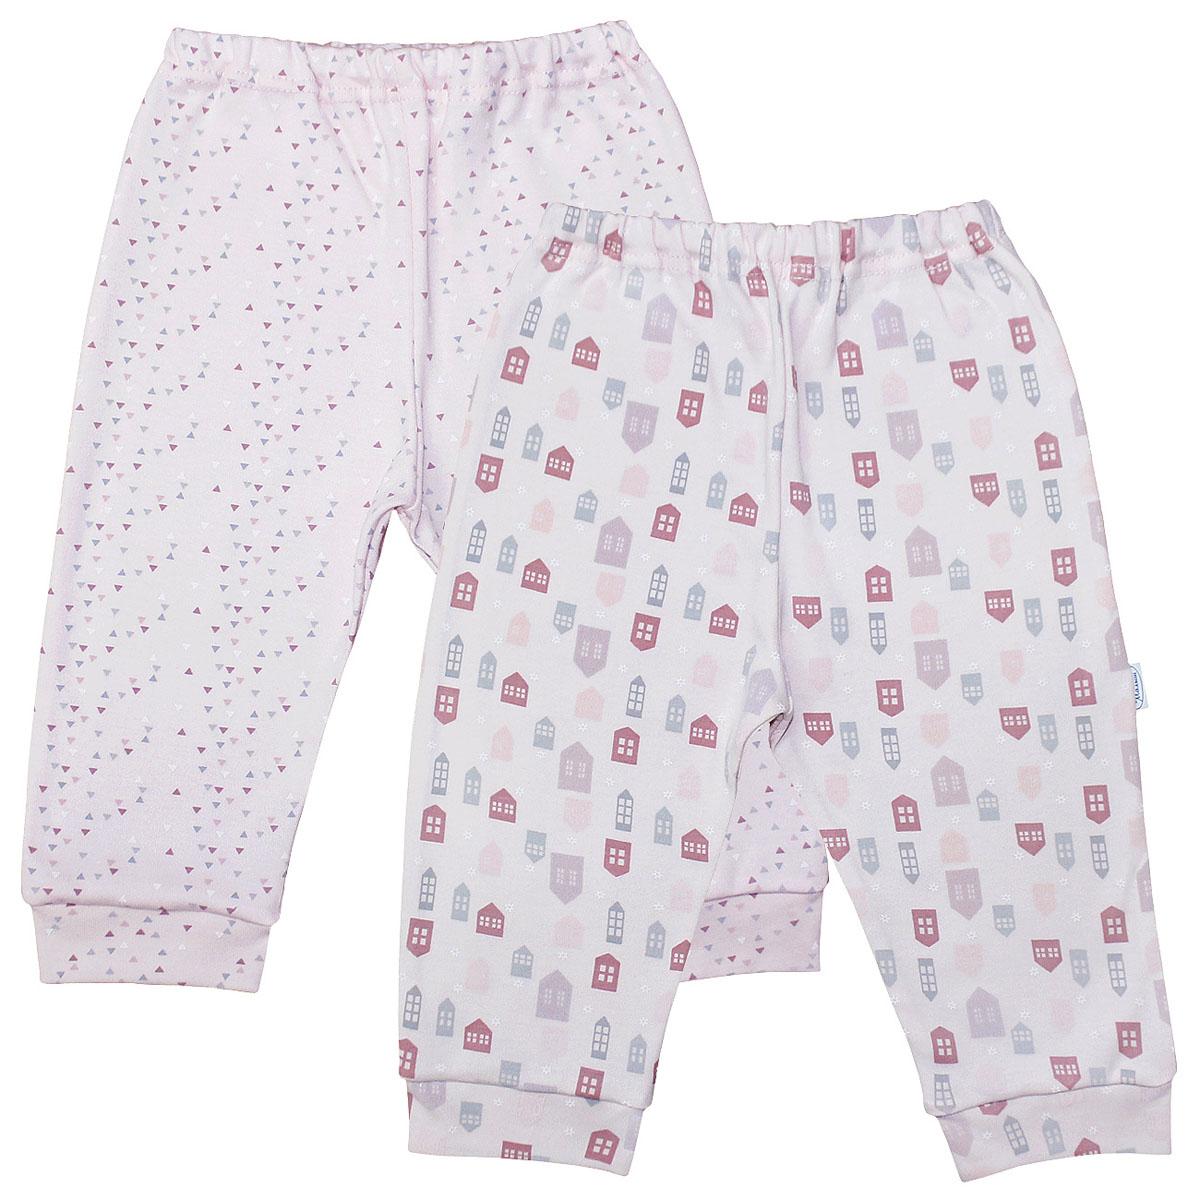 Штанишки для девочки Веселый малыш One, цвет: розовый. 33150/One-D (1). Размер 74 брюки джинсы и штанишки веселый малыш штанишки мото